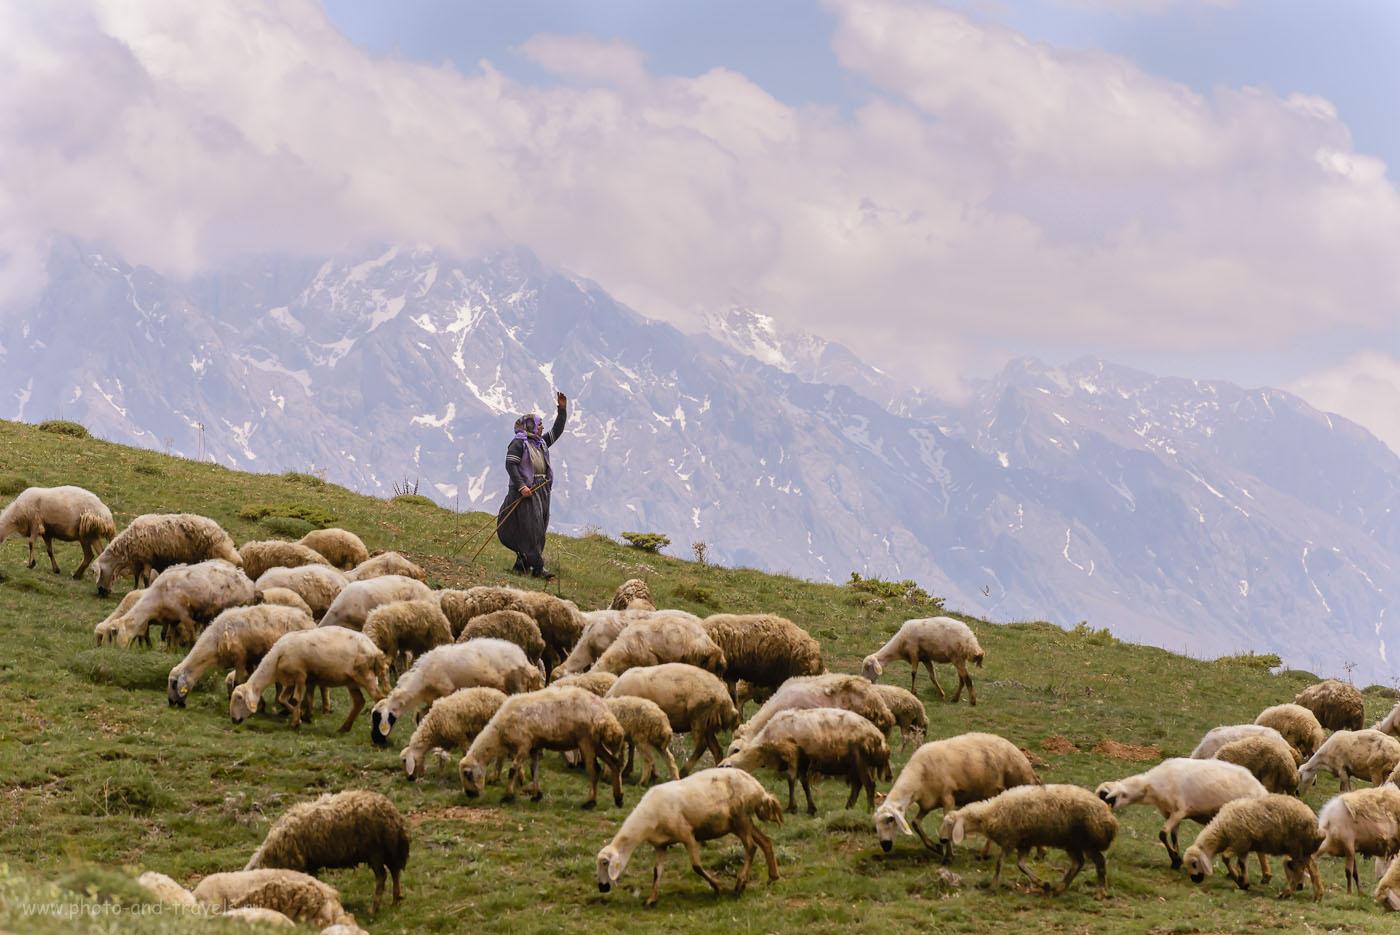 Фото 4. Пастушка в горах Аладаглар. Отзывы туристов об отдыхе в Турции. 1/2000, -0.67, 8.0, 400, 195.